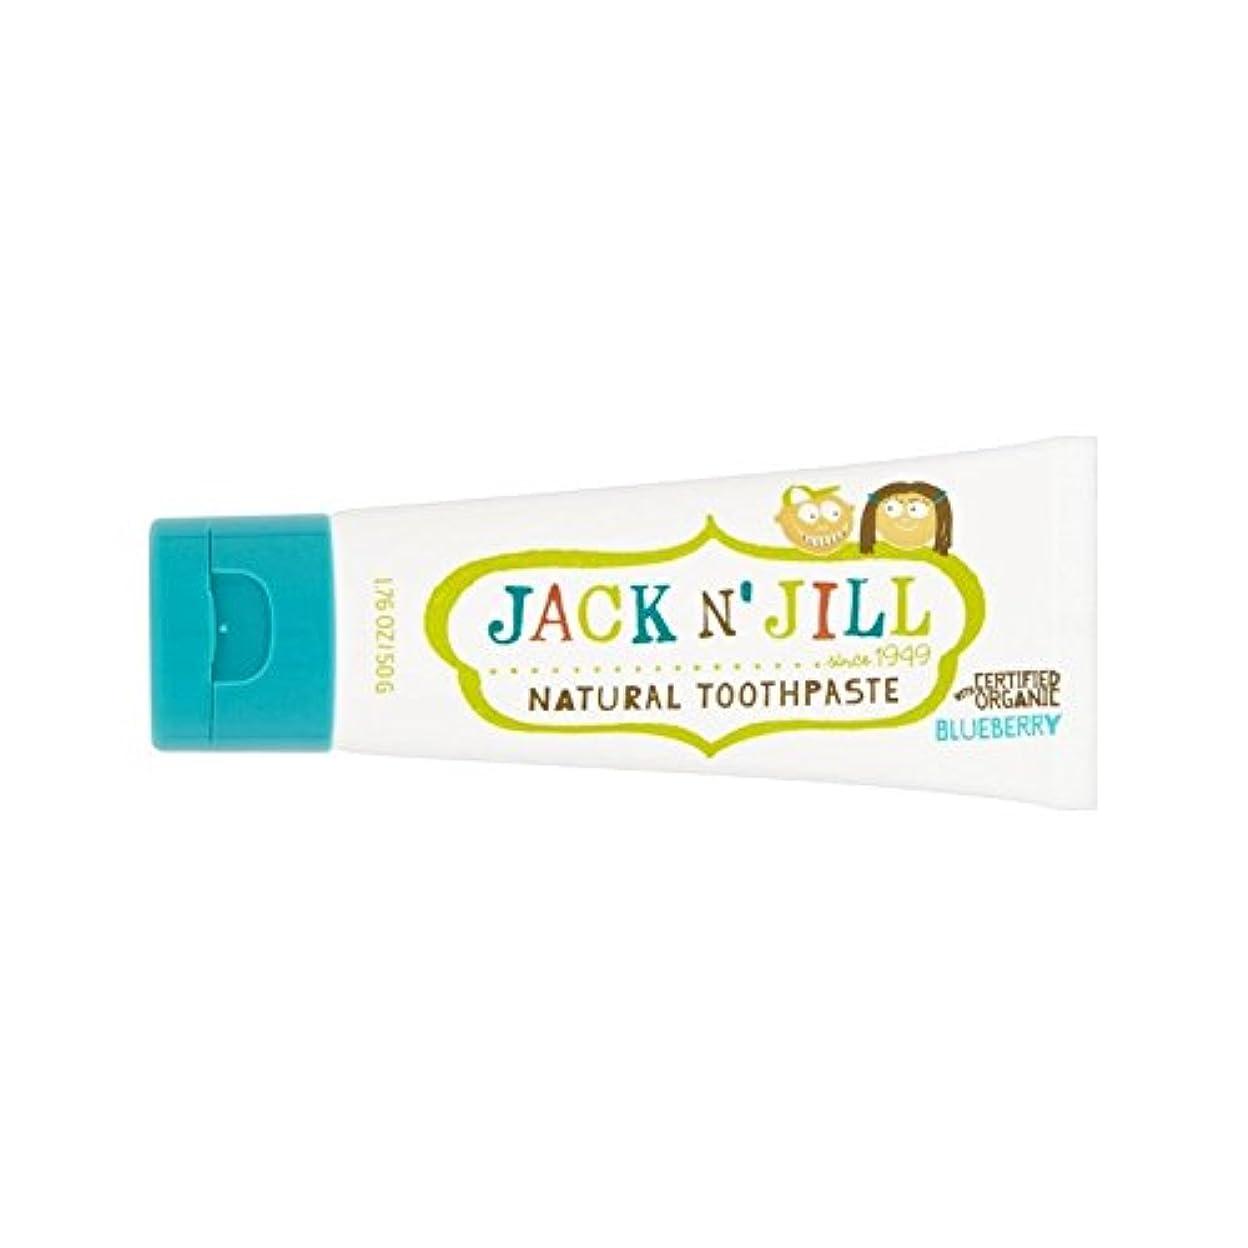 征服する結果としてスリーブ有機香味50グラムとの自然なブルーベリー歯磨き粉 (Jack N Jill) (x 4) - Jack N' Jill Blueberry Toothpaste Natural with Organic Flavouring...